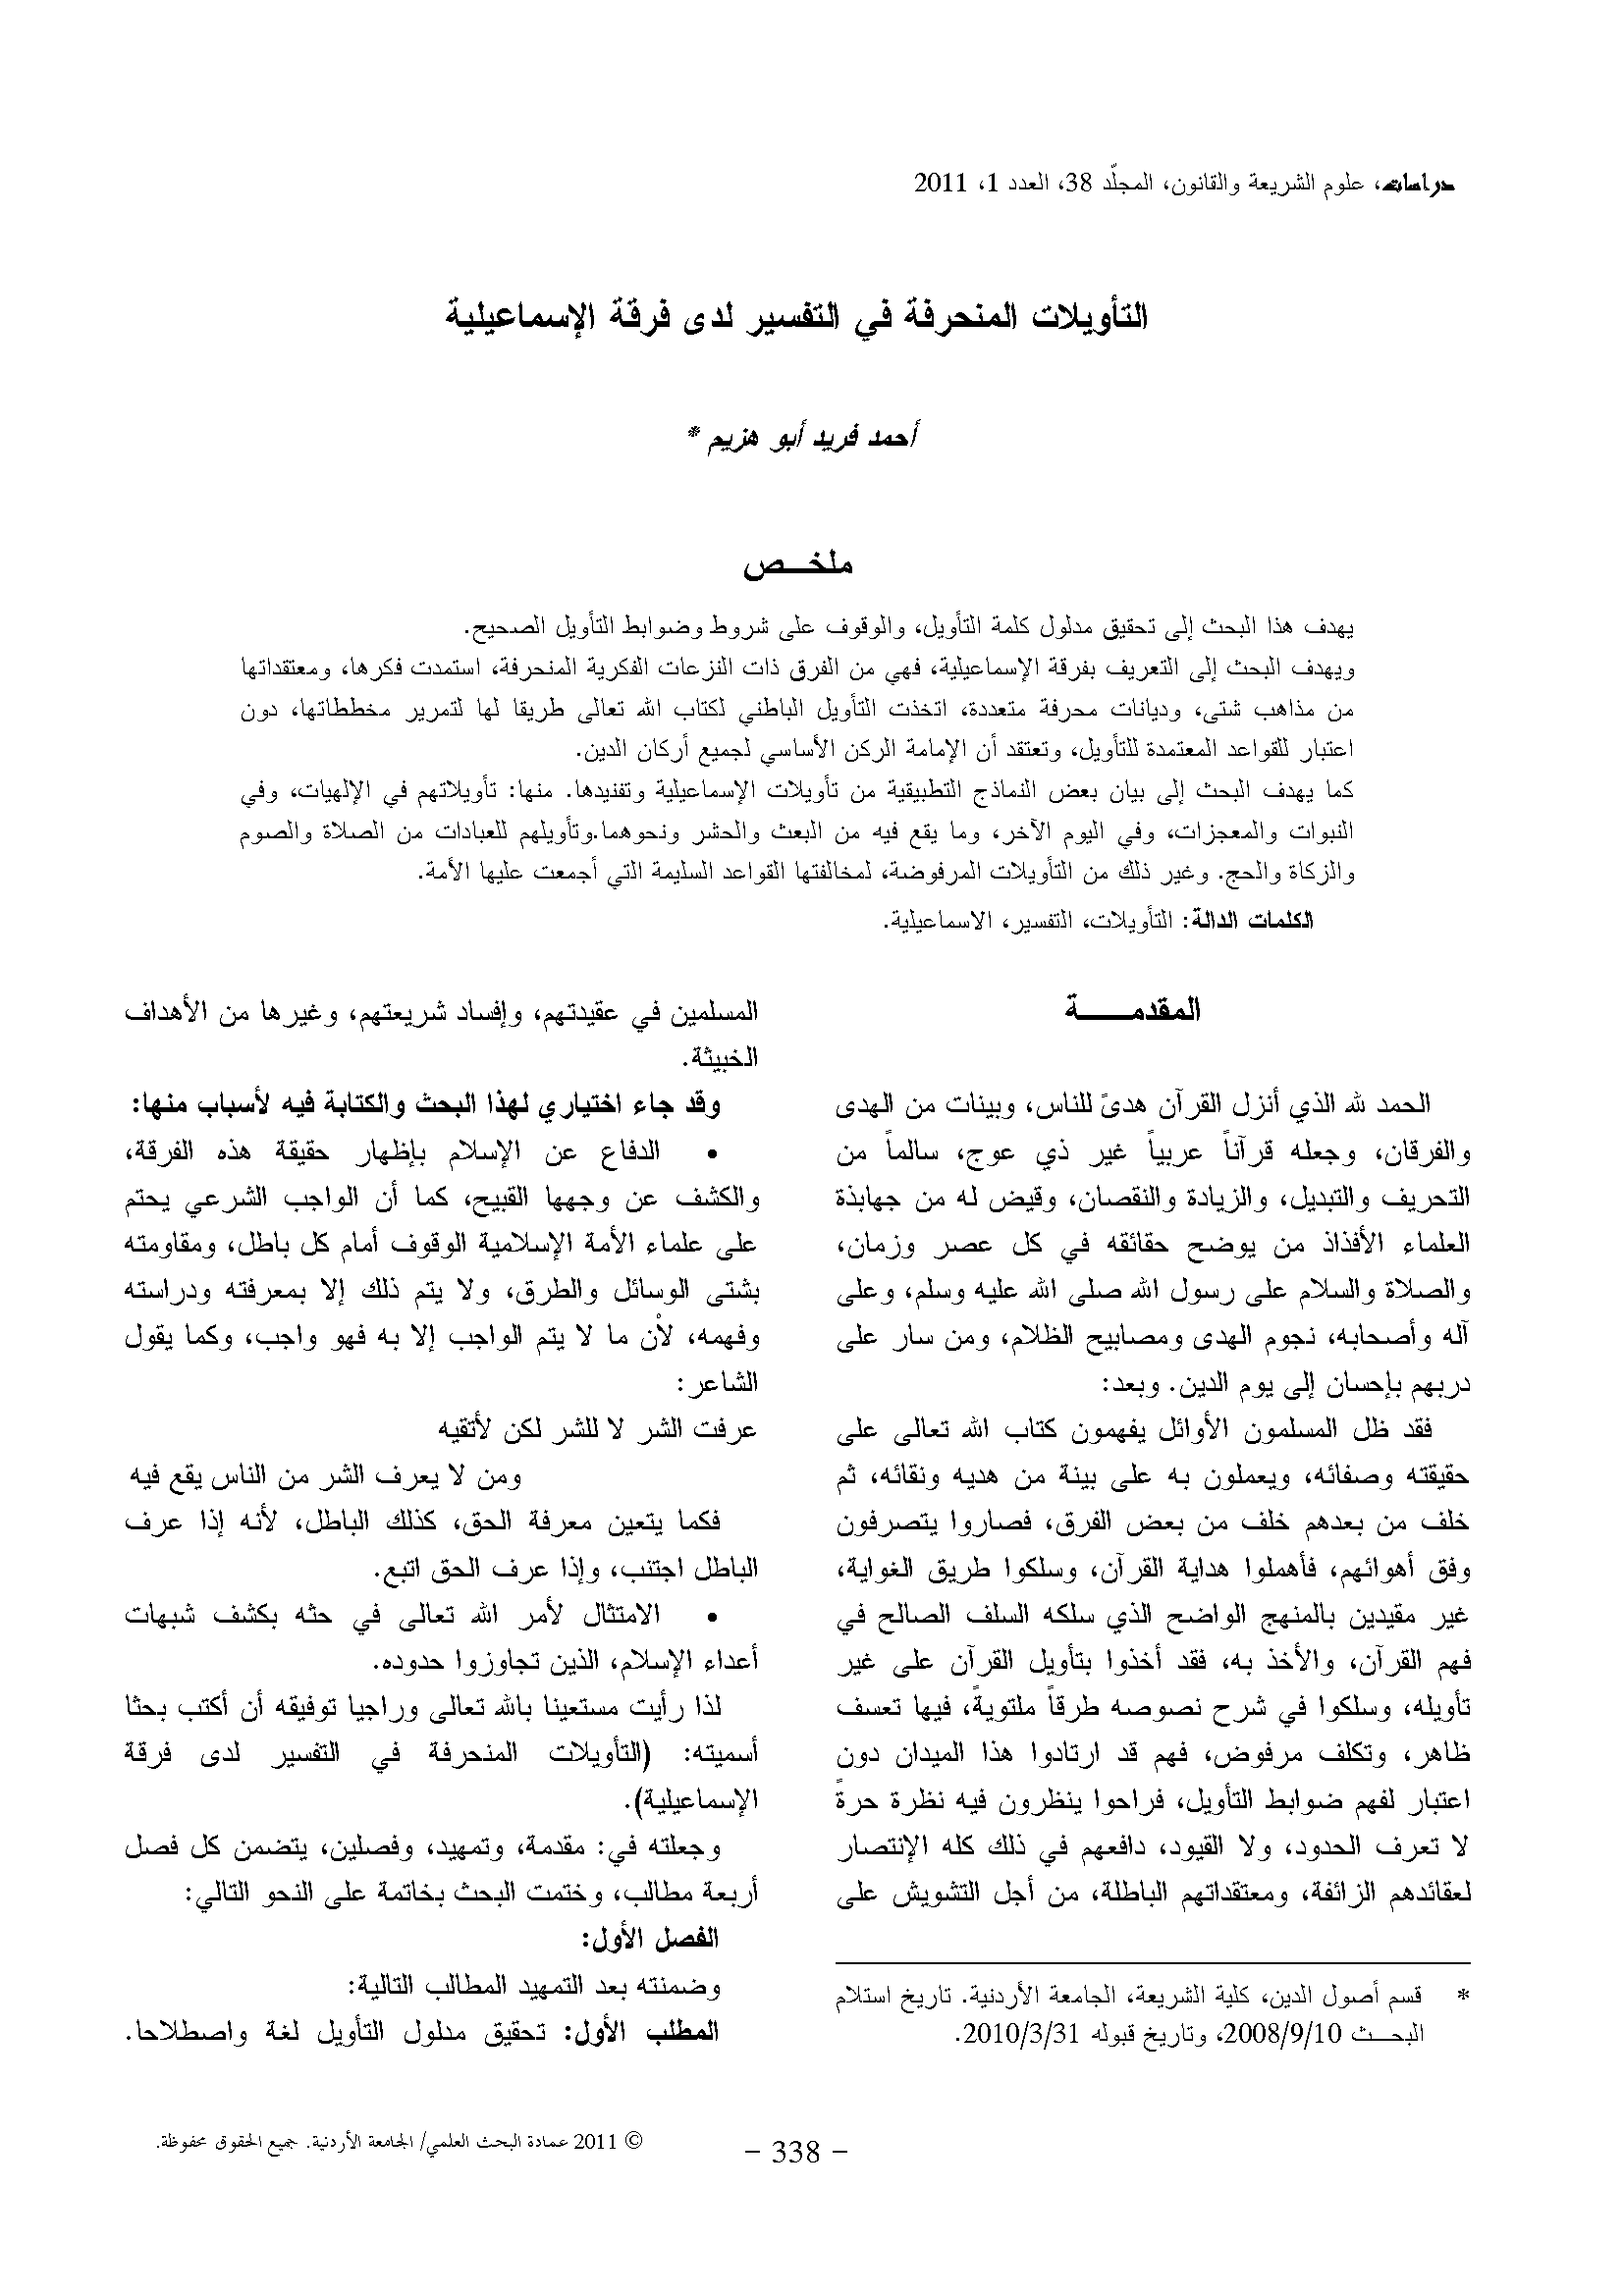 تحميل كتاب التأويلات المنحرفة في التفسير لدى فرقة الإسماعيلية لـِ: الدكتور أحمد فريد صالح أبو هزيم